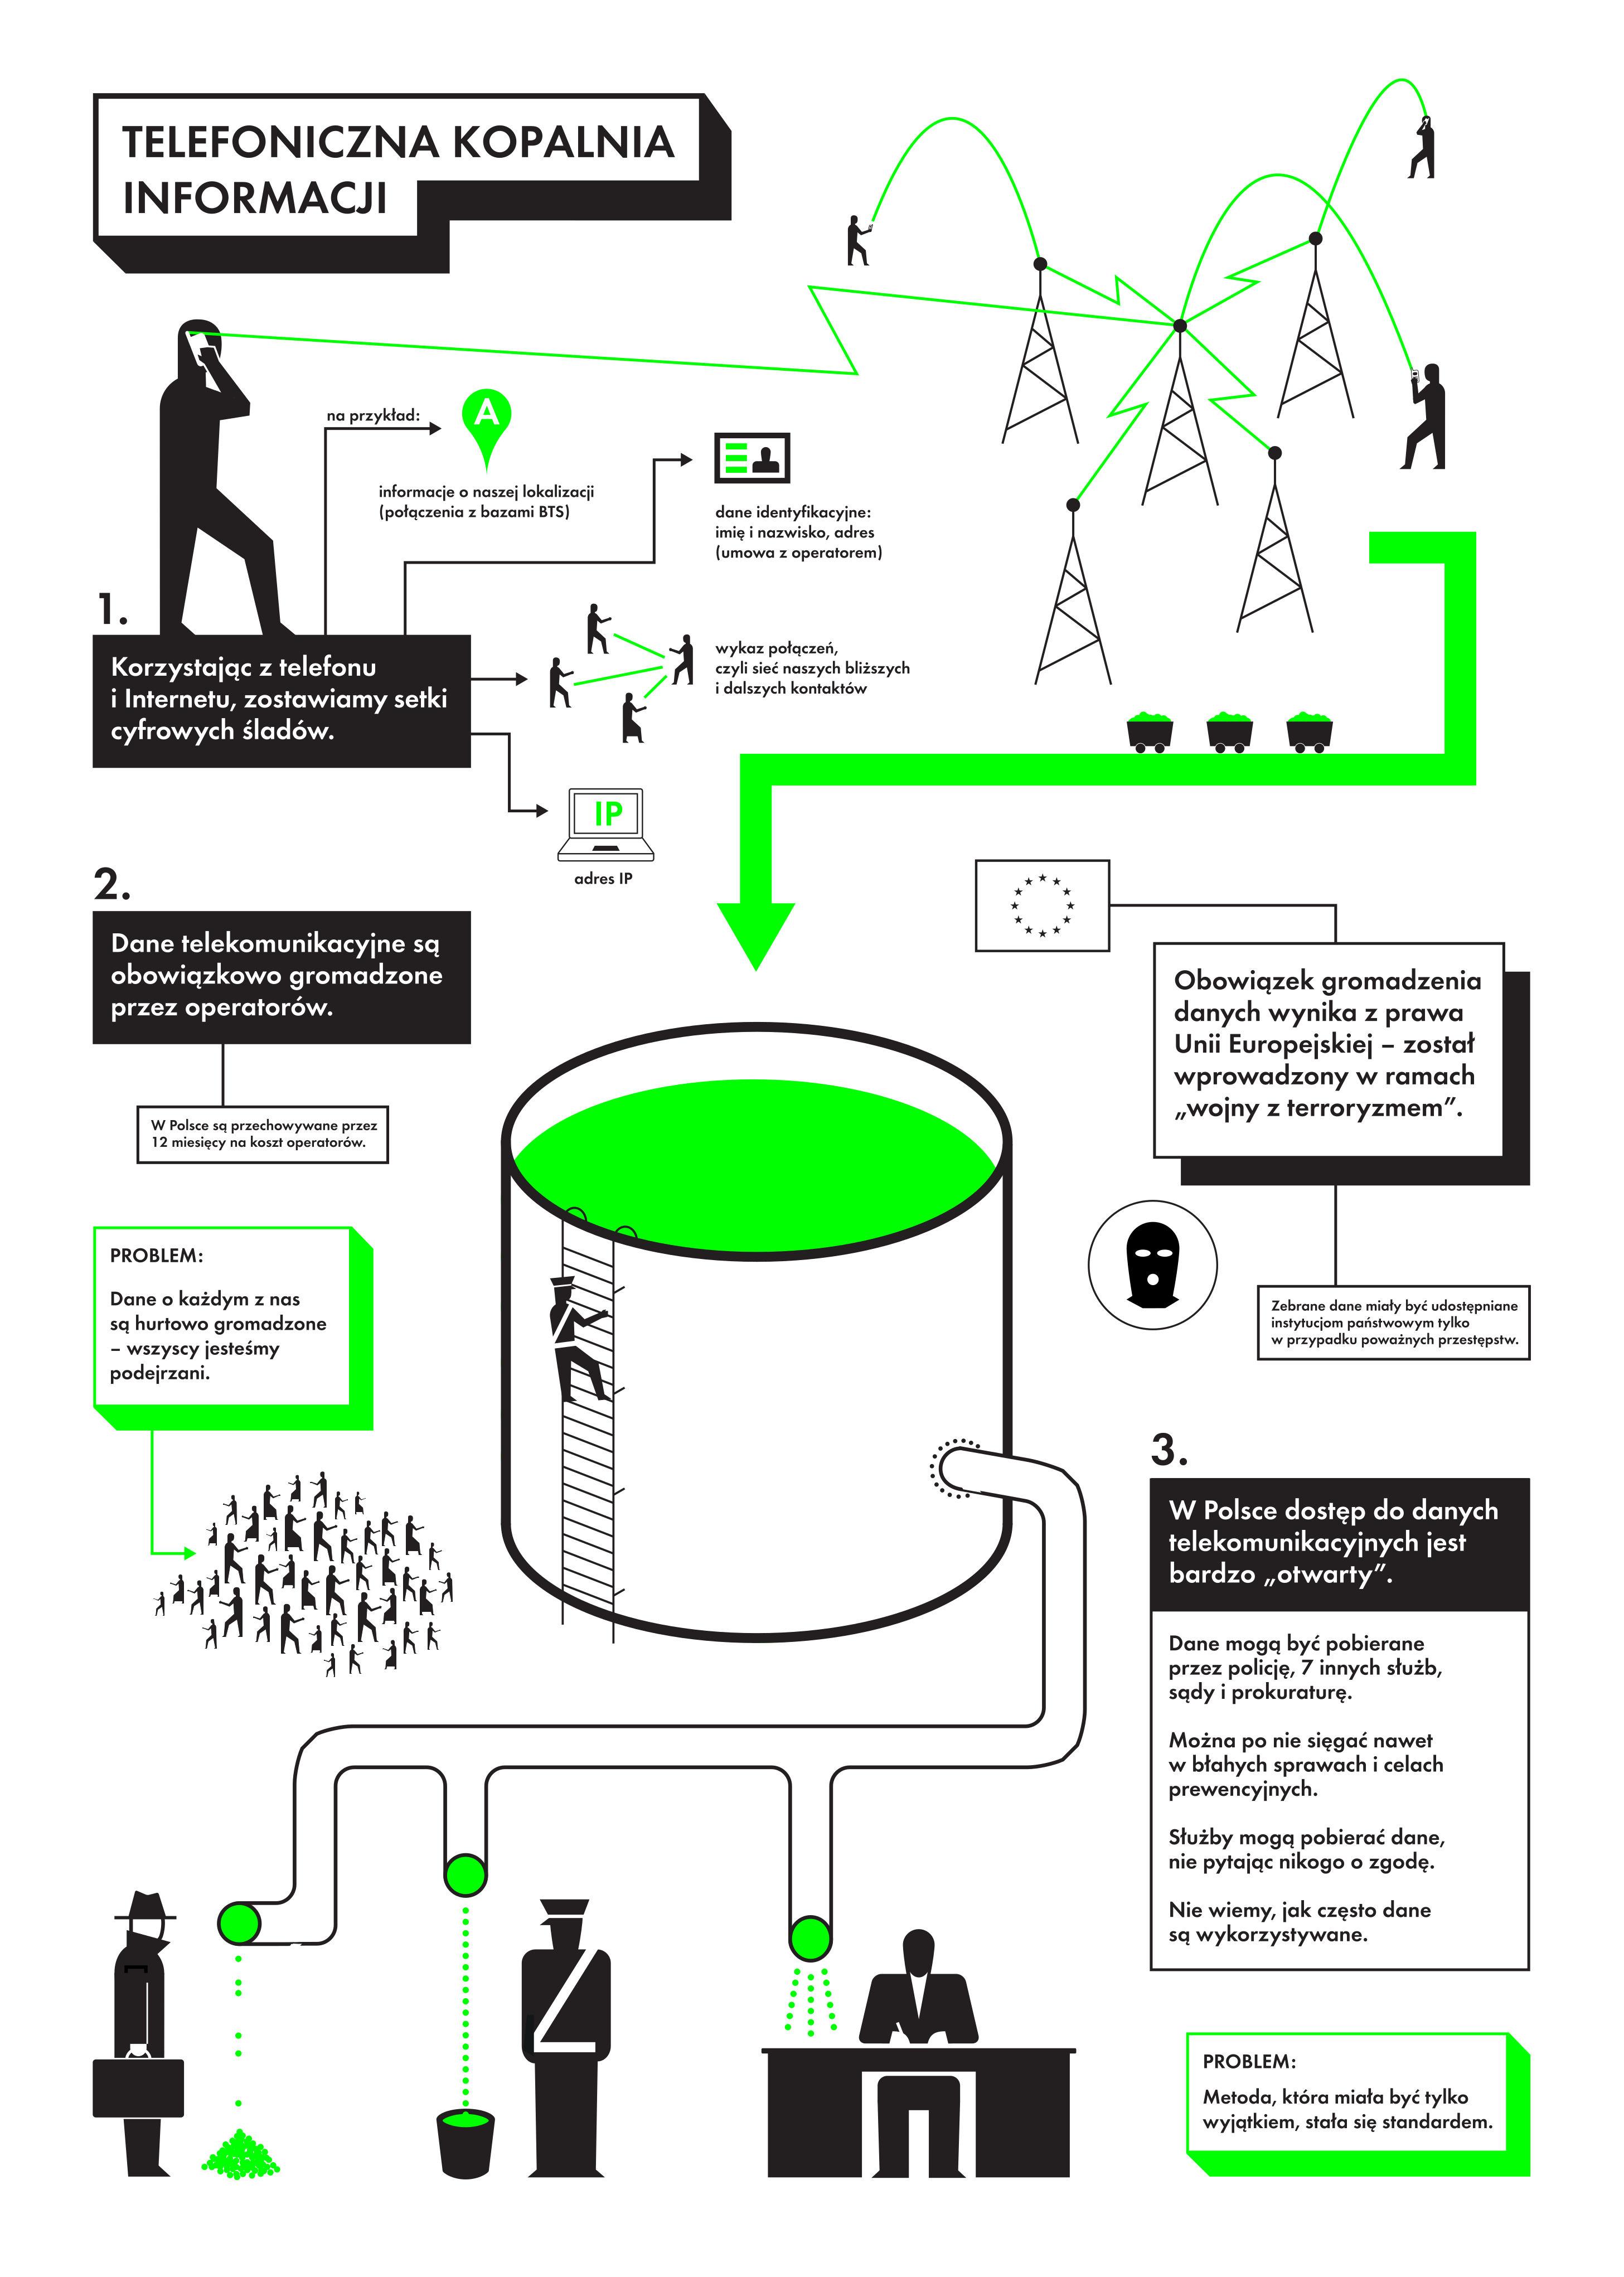 Telefoniczna kopalnia informacji. Infografika przedstawiająca proces zbierania i przechowywania danych telekomunikacyjnych przez operatorów i państwo.